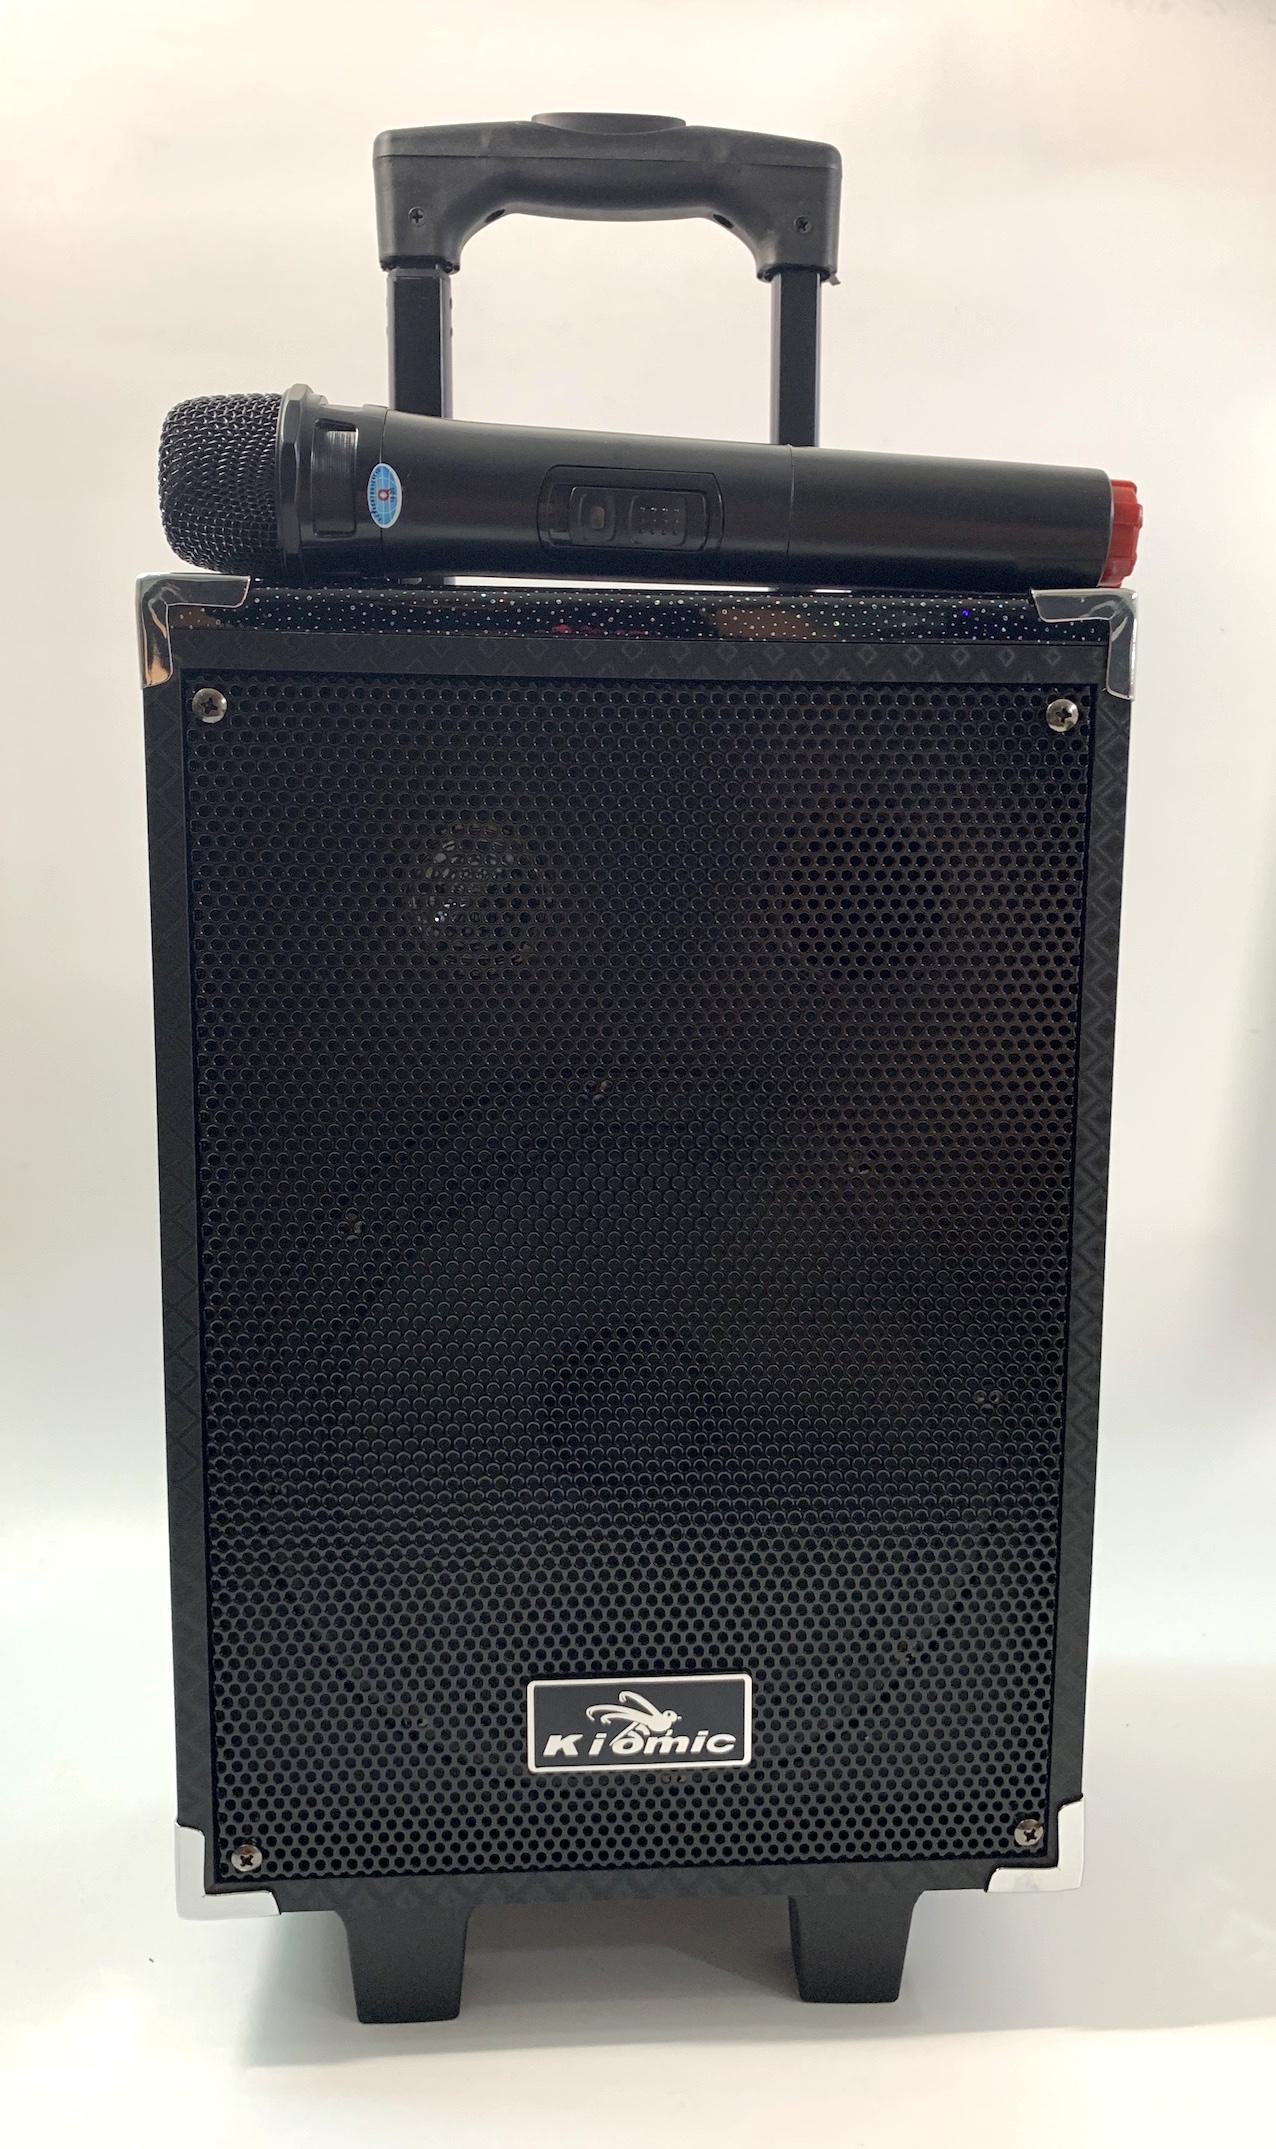 Loa Kéo KIOMIC Q8 100W Tặng Micro Không Dây- Loa Vali Kéo Di Động Bluetooth Karaoke Âm Thanh Cực Đỉnh(Công suất lớn)